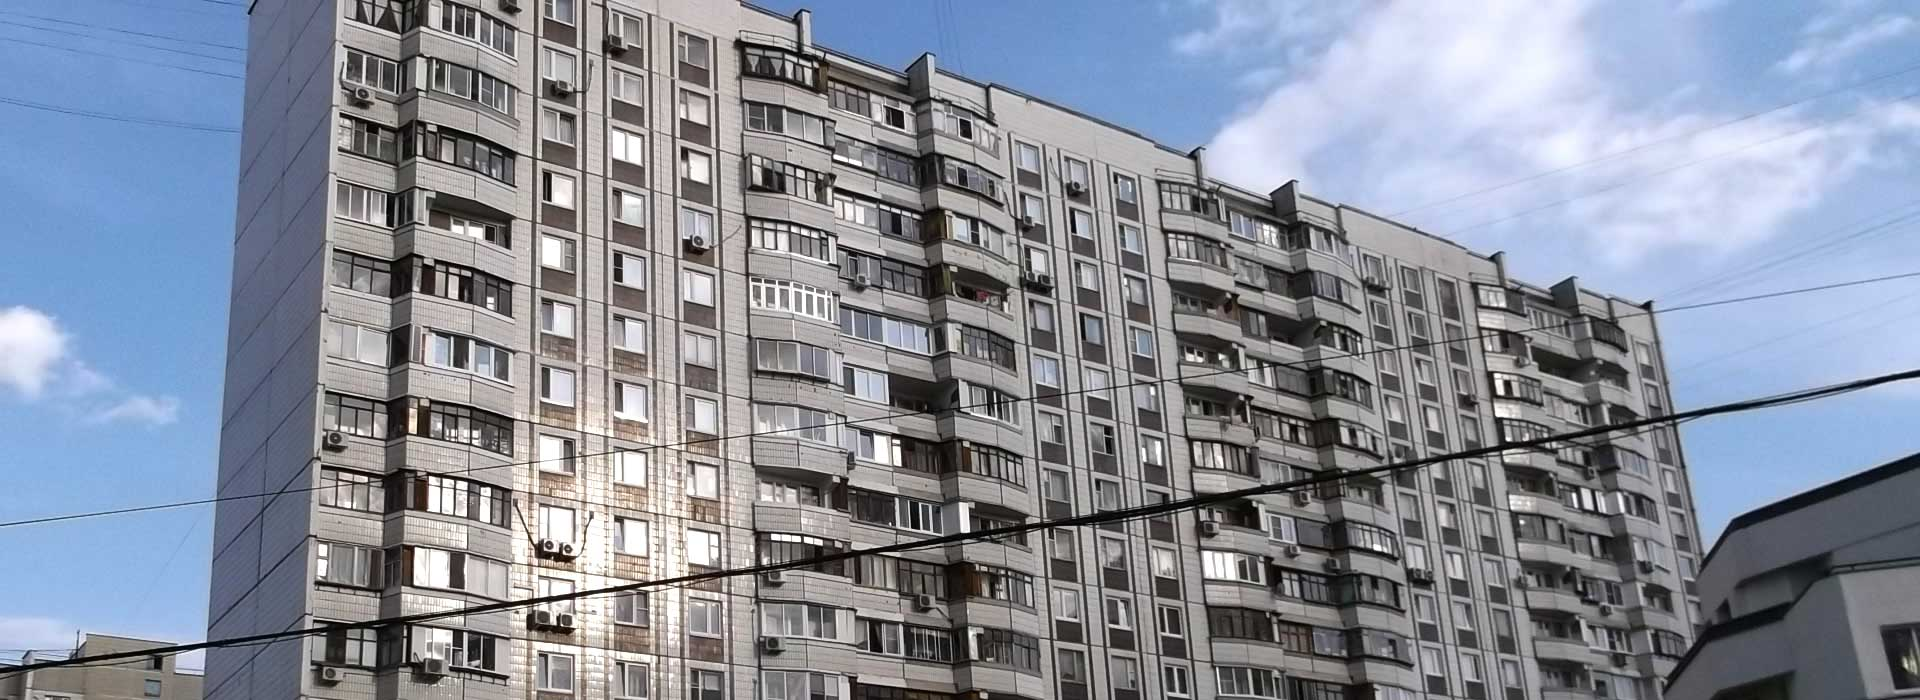 Деревянные окна в дома серии П-44